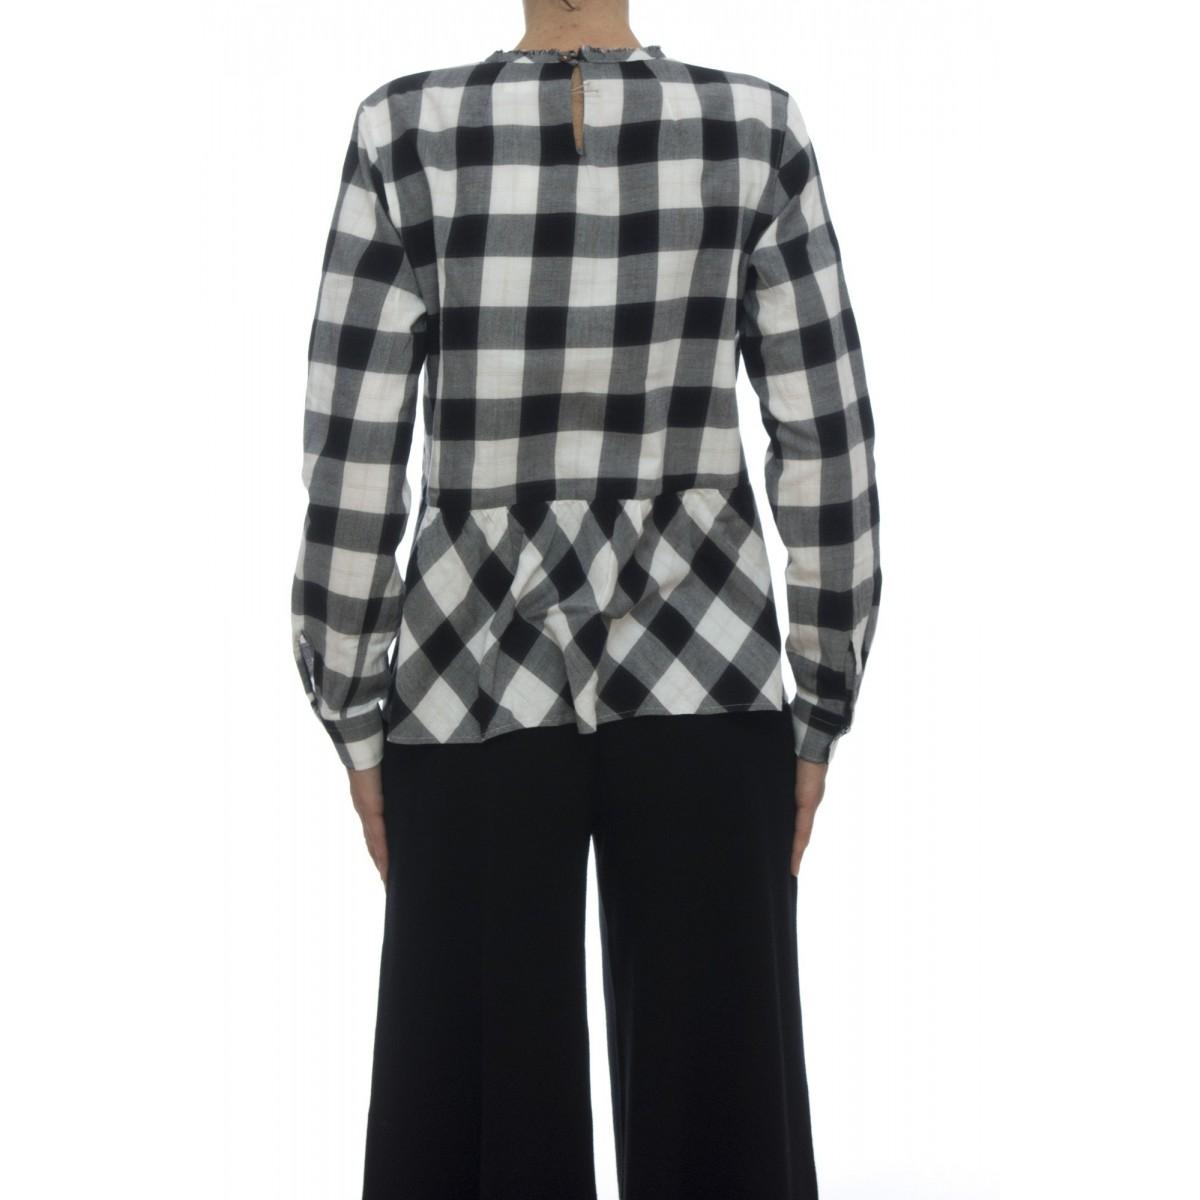 Camicia donna - Zqz rw9